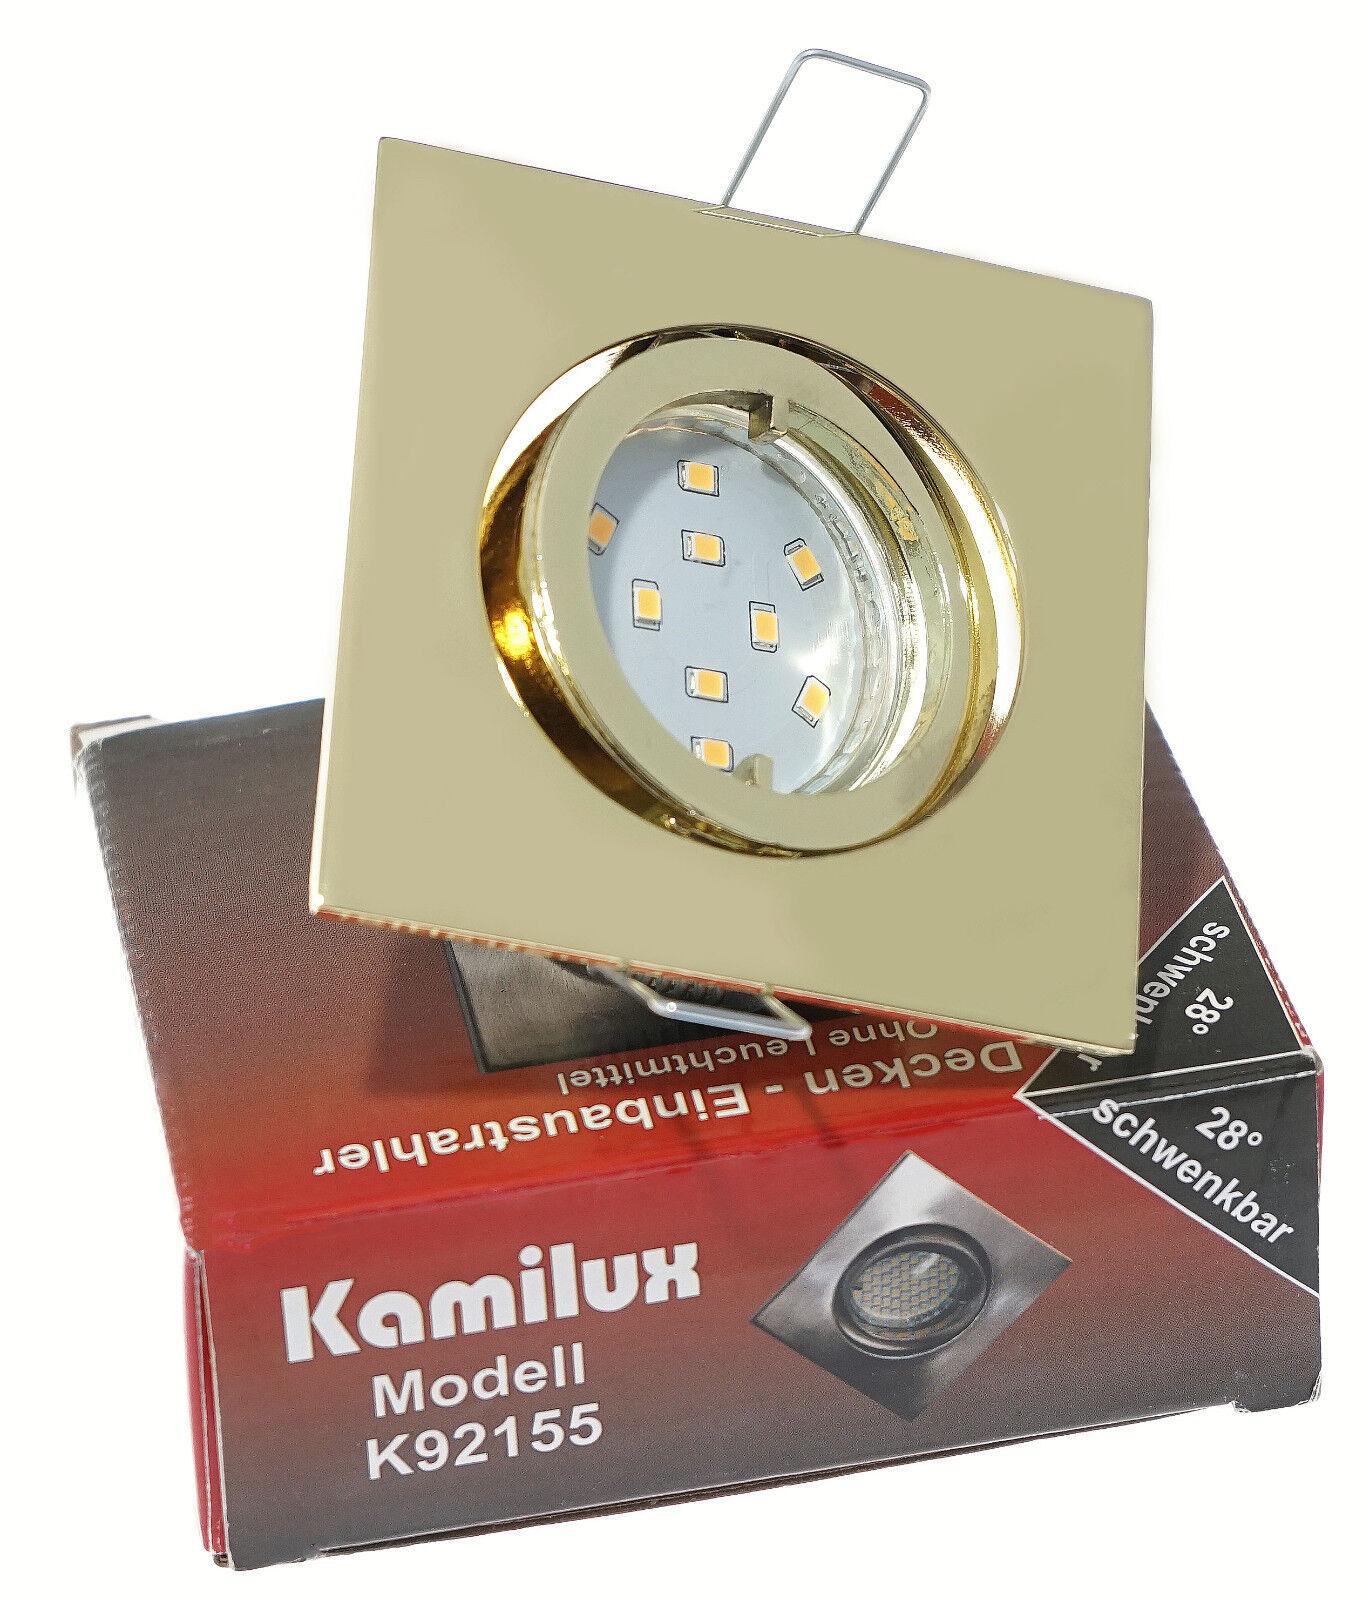 Rostfreie LED Downlight Sets Kamilux K92155 230V GU10 5W = 50W LED Leuchtmittel